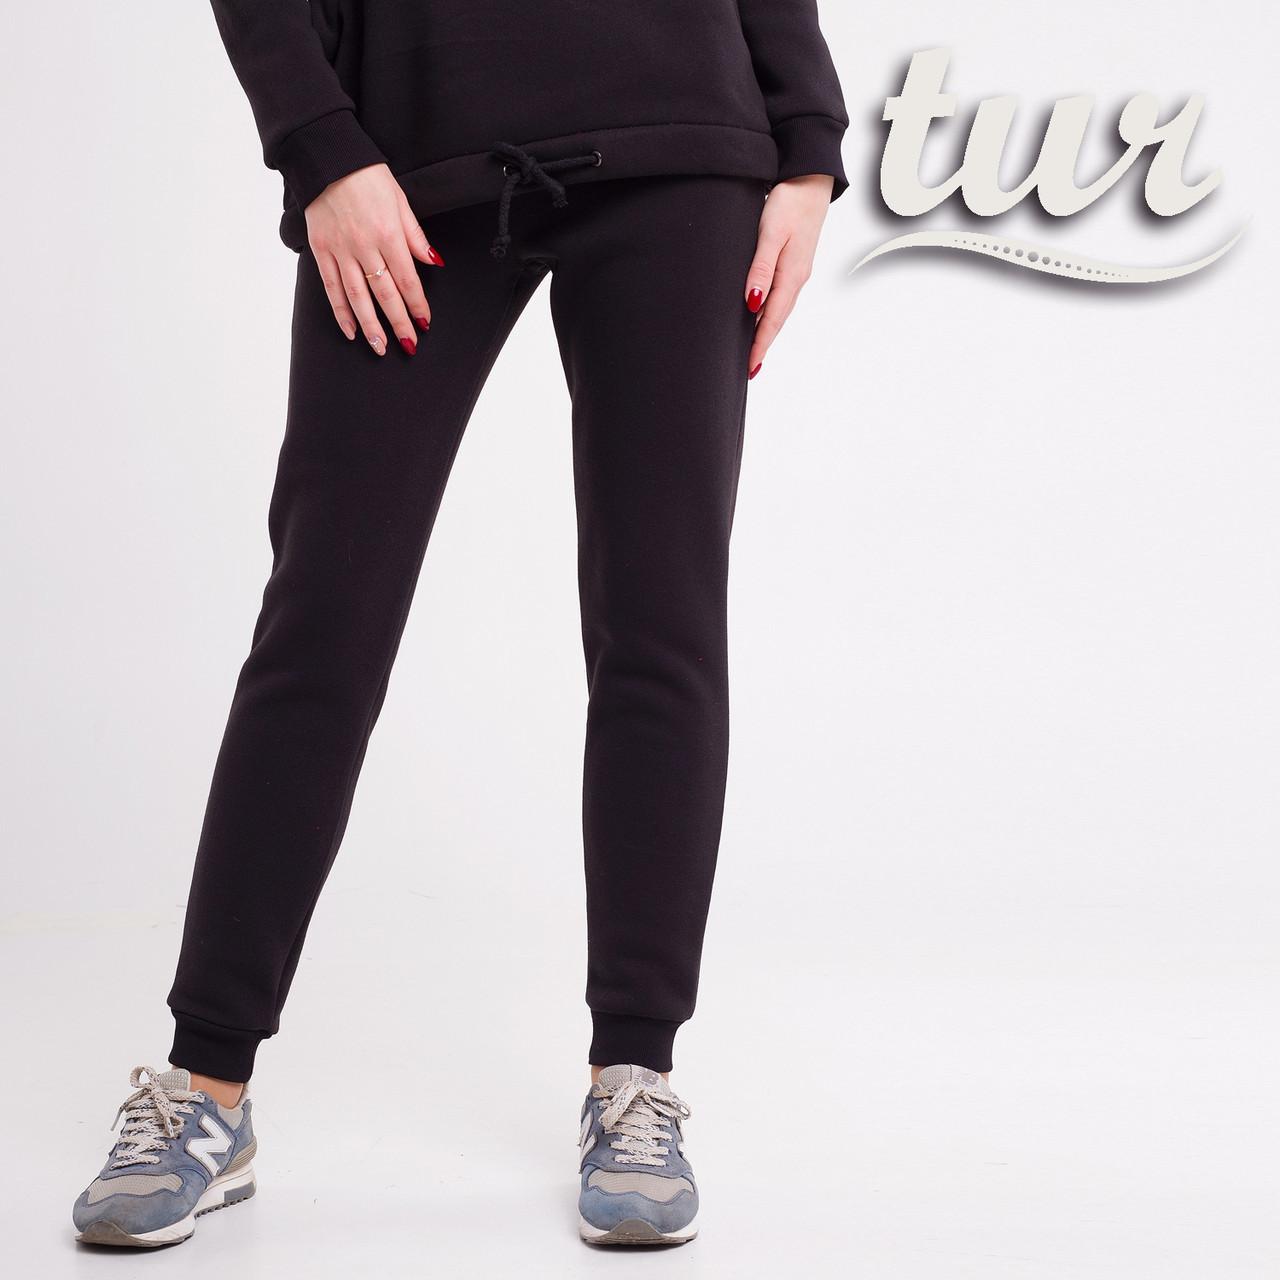 e933190d4e167a Зимові спортивні штани жіночі чорні від бренду ТУР розмір S, M - KOKA в  Киеве